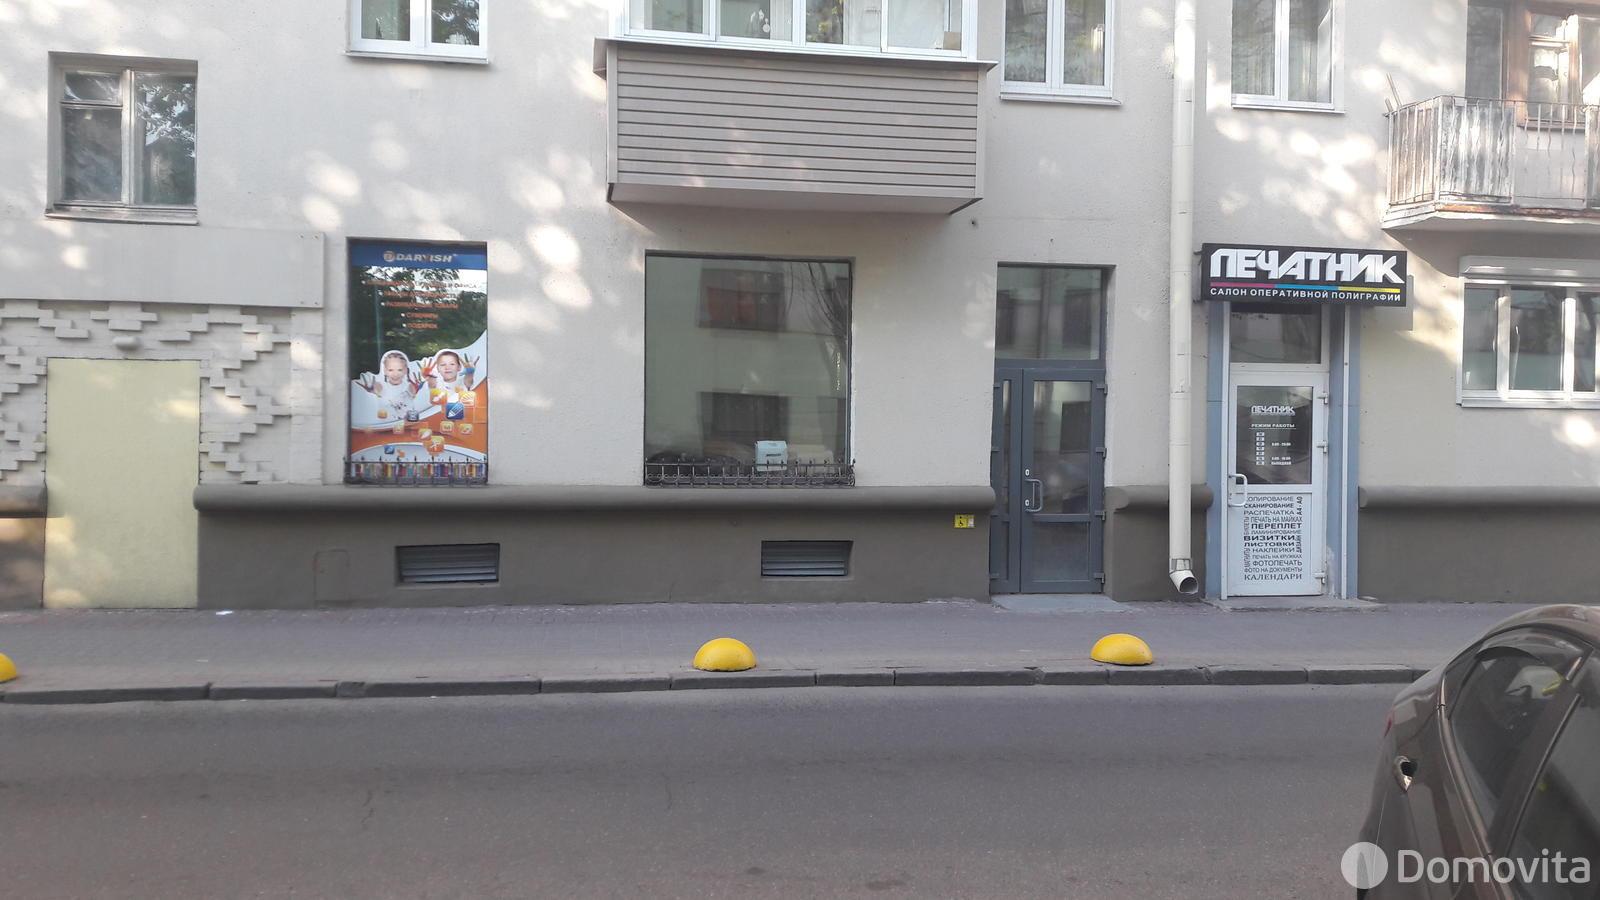 Снять торговое помещение на ул. Дорошевича, д. 4 в Минске - фото 1